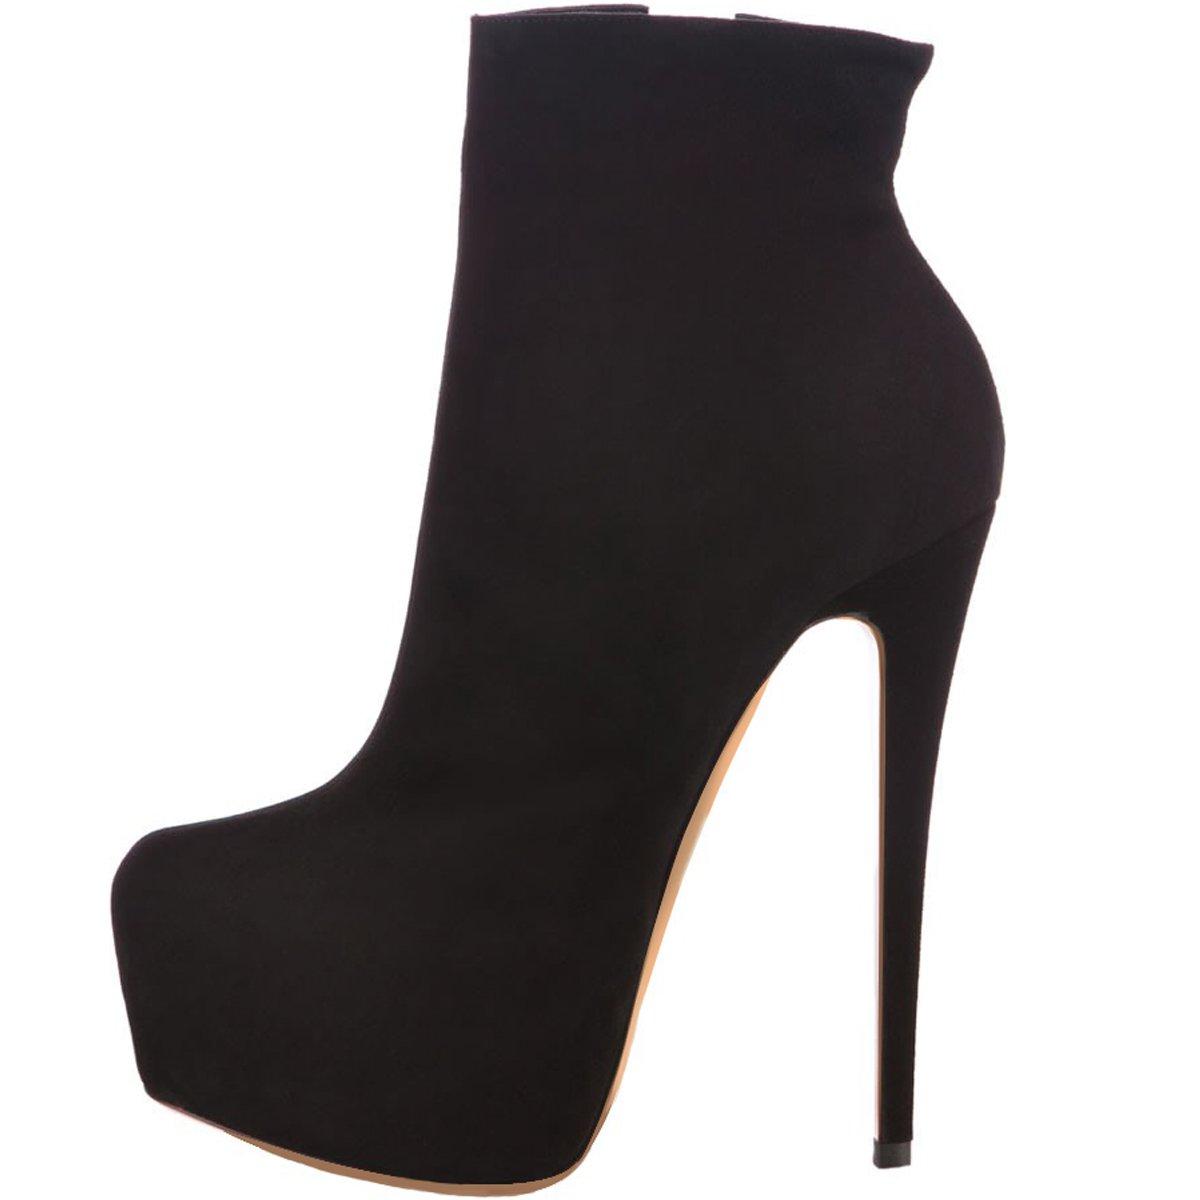 ELASHE Ankle Boots | 15cmTrendige Damen Stiefeletten | Plateau Stiefel mit Absatz35 EU|Schwarz